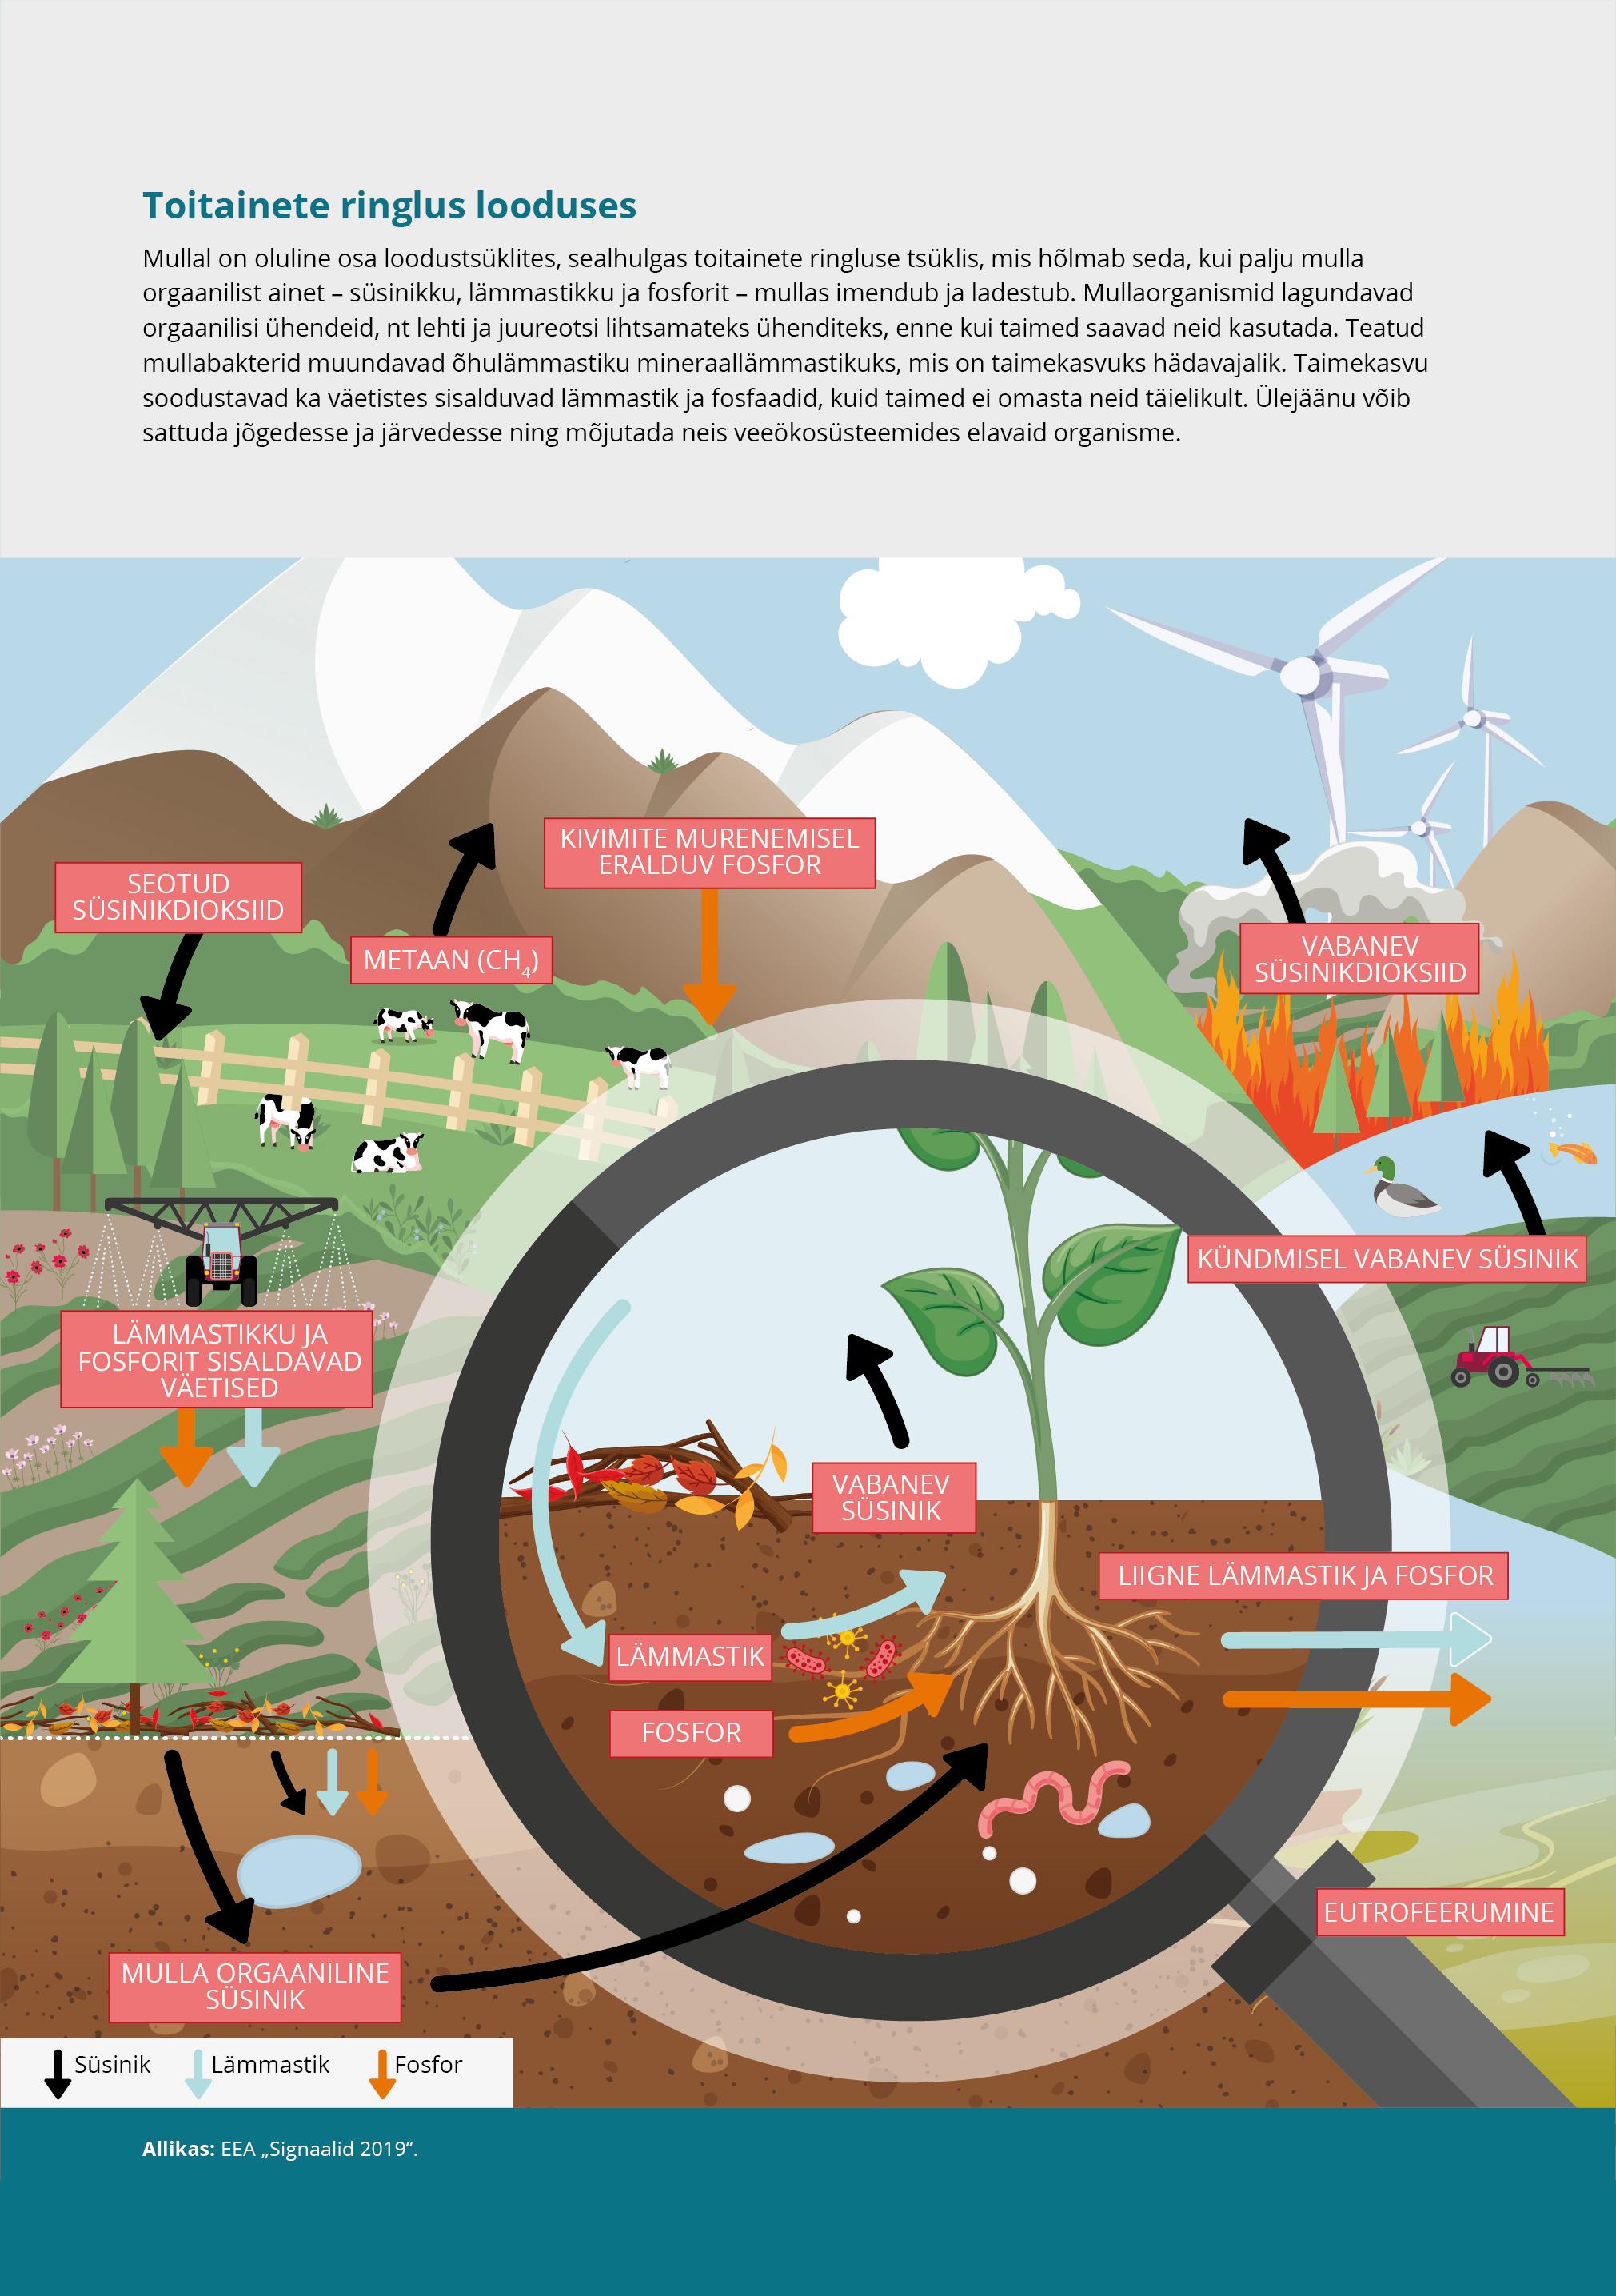 Toitainete ringlus looduses